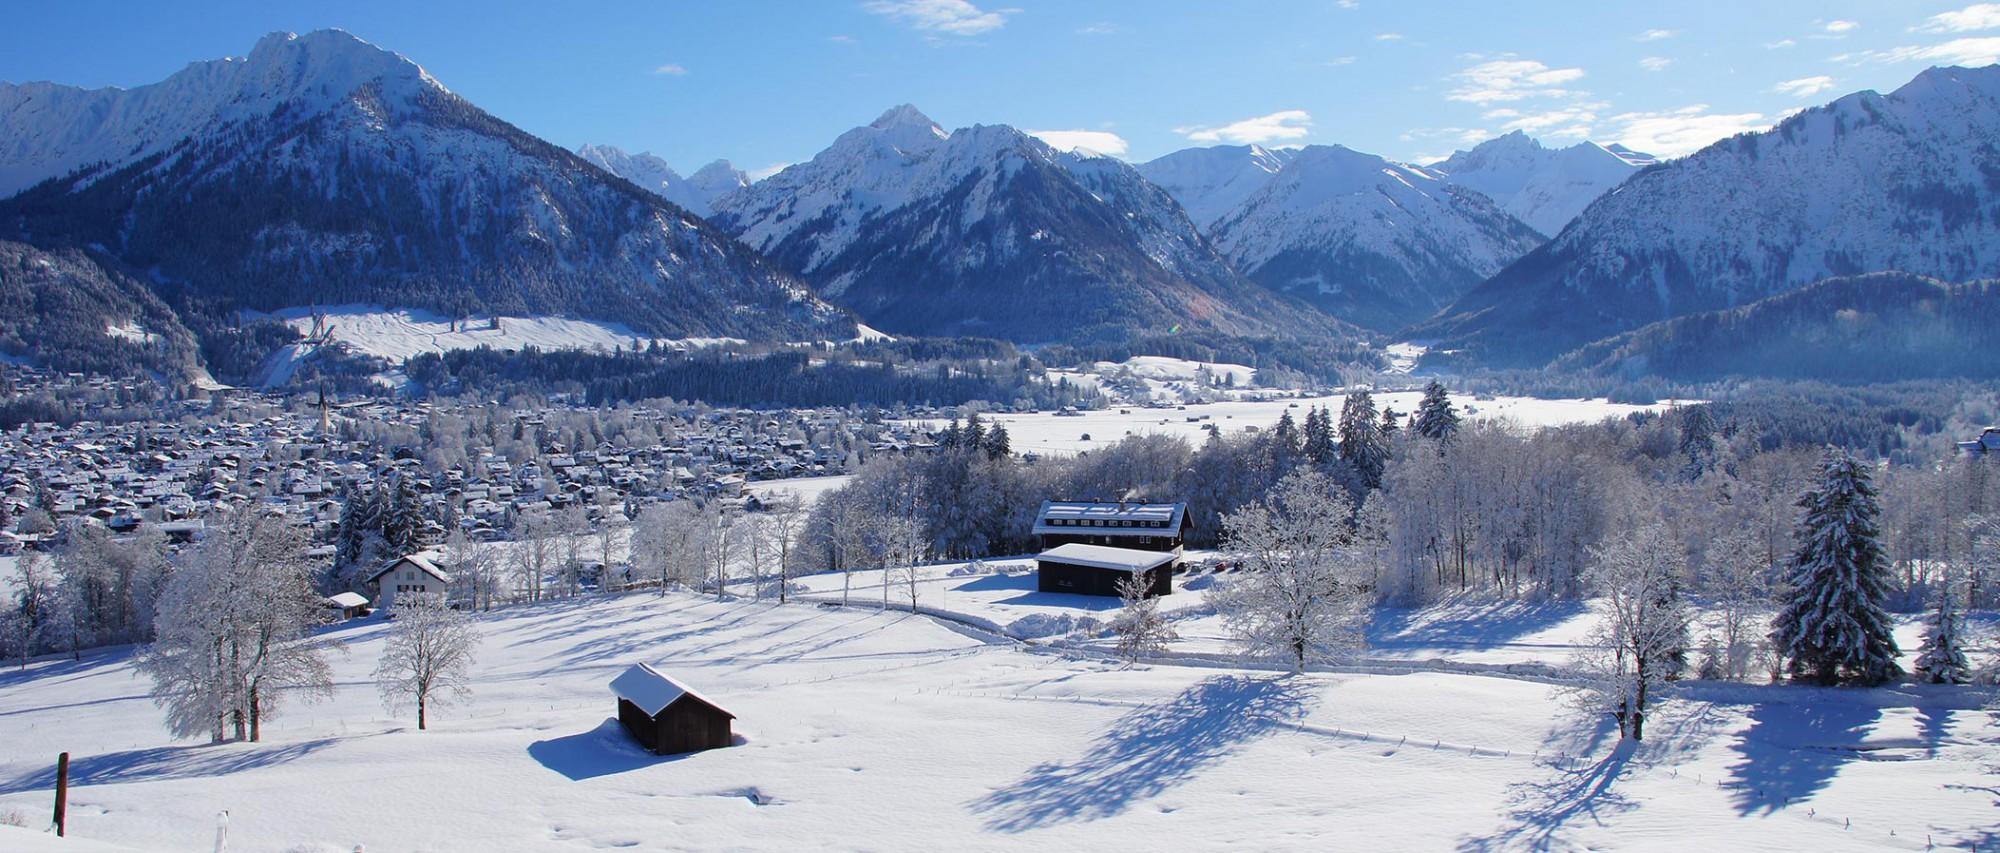 Urlaub in Oberstdorf